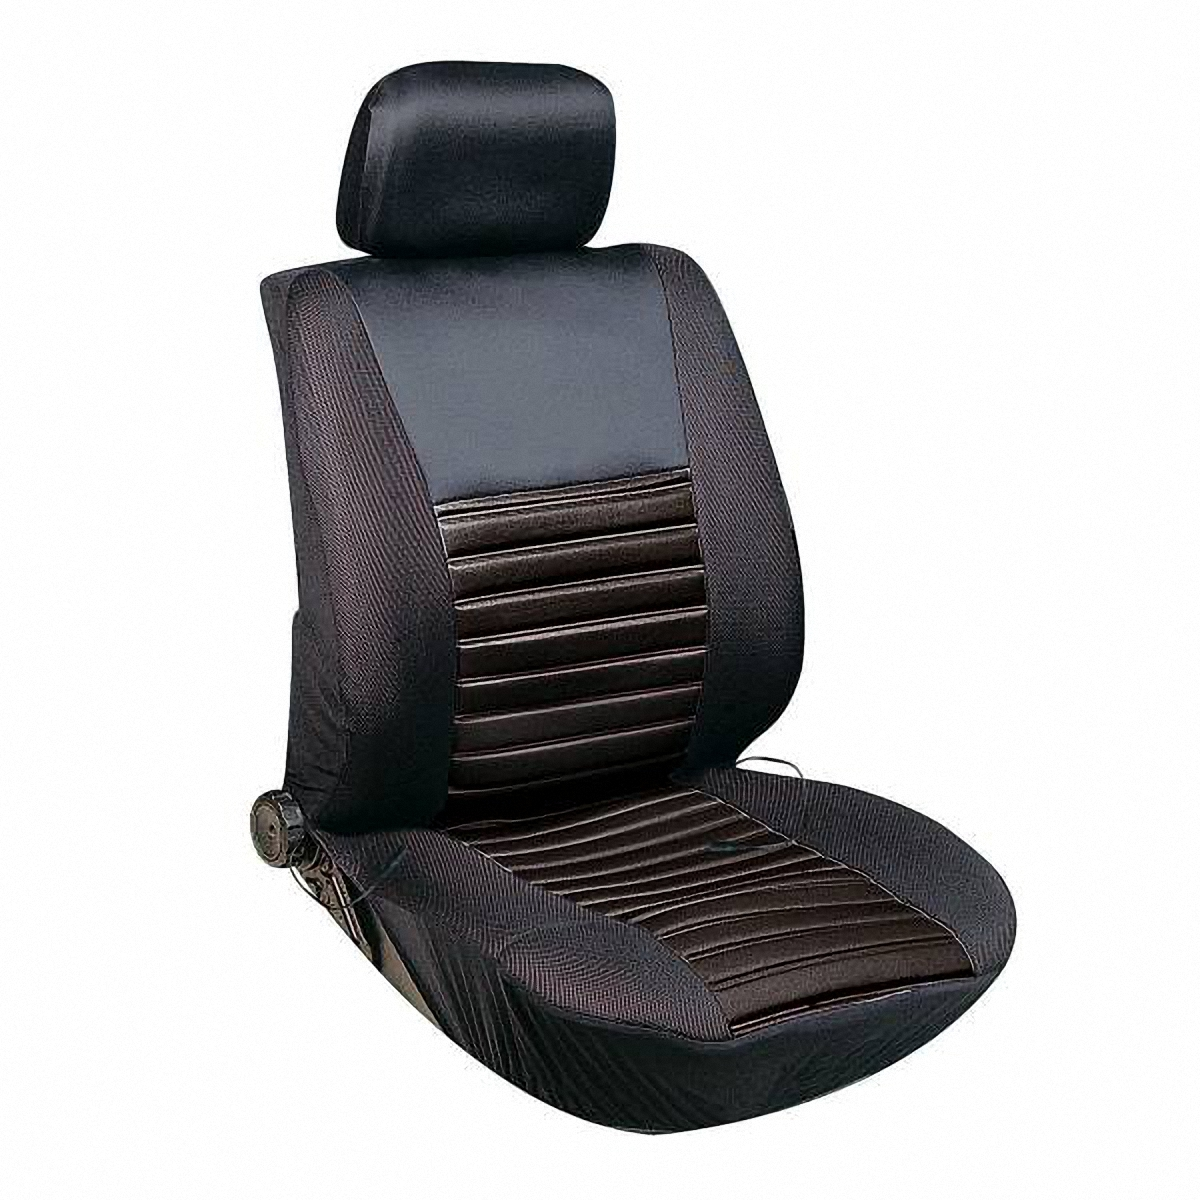 чехол для сиденья с подогревом и терморегулятором skyway s02202005 Чехол автомобильный Skyway, с подогревом, 116 х 56 см